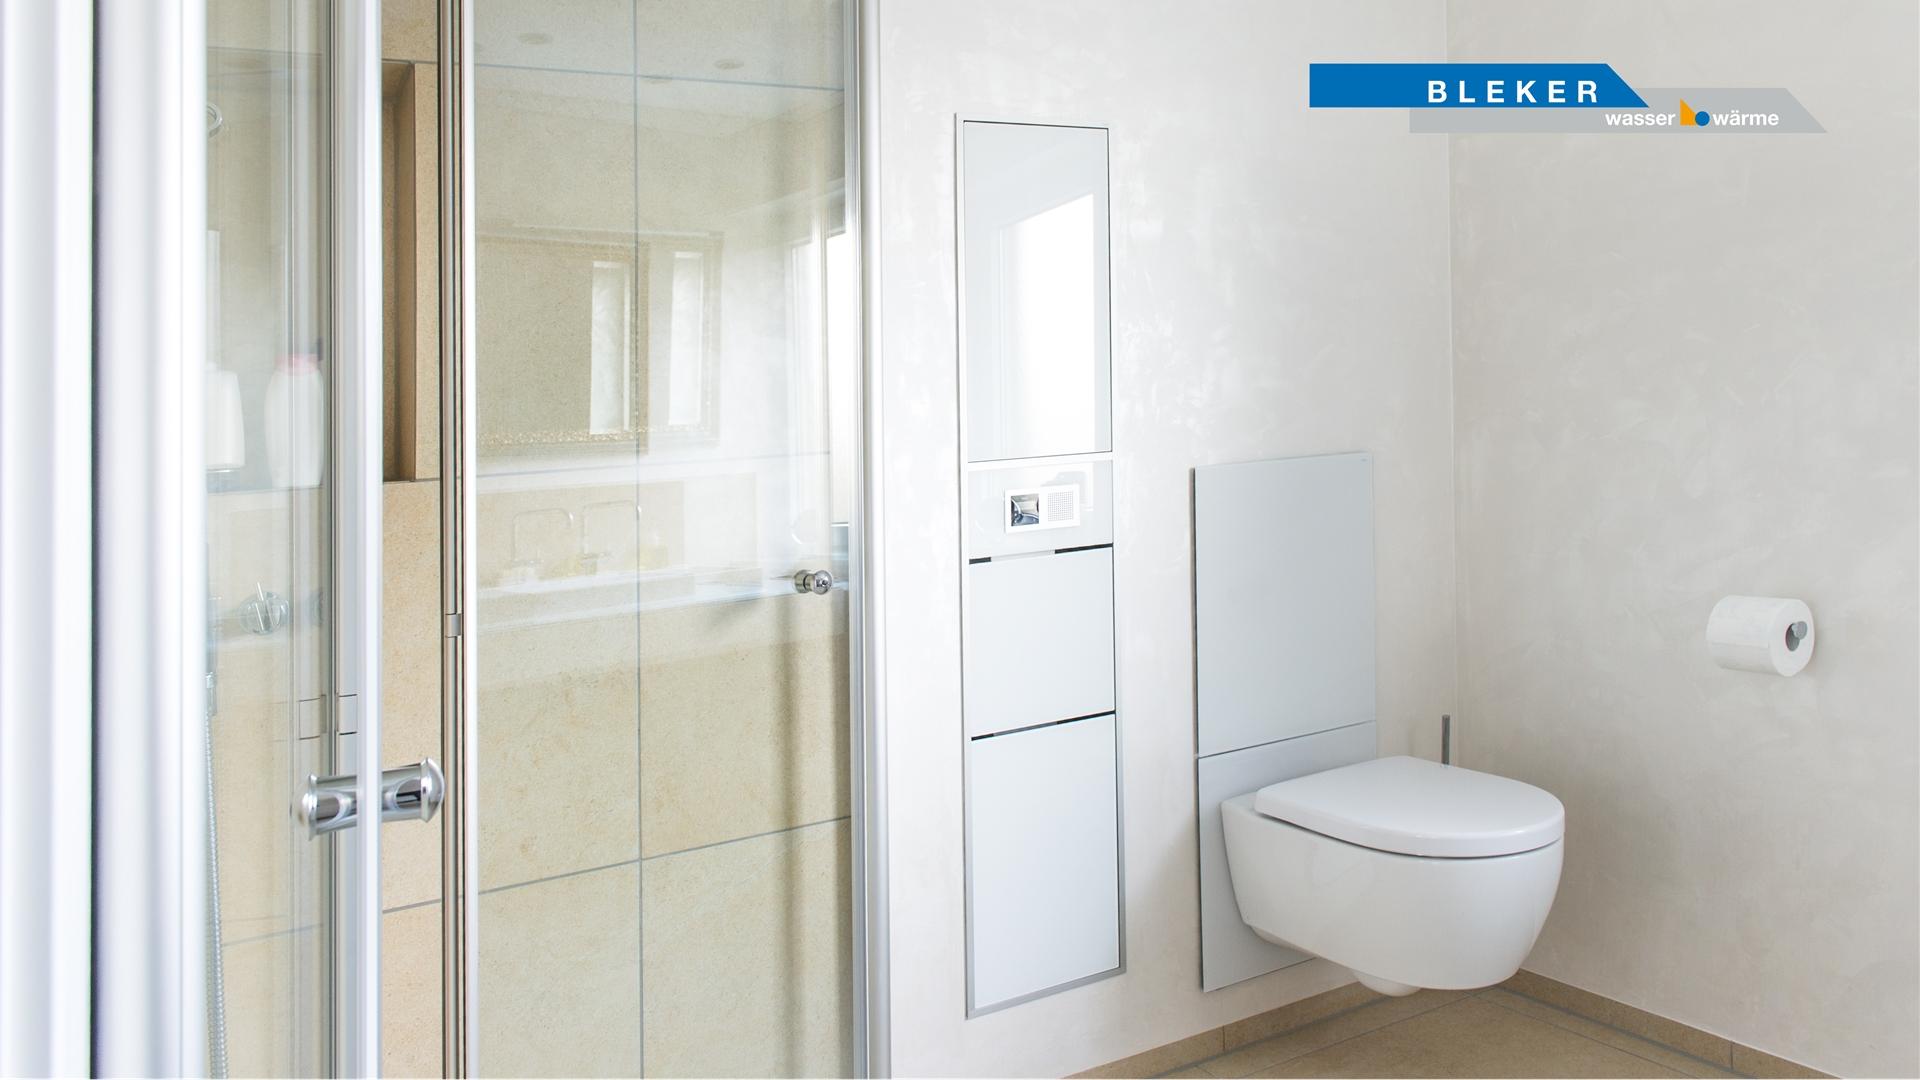 Dusche neben Einbauschrank mit Glastüren und Toilette